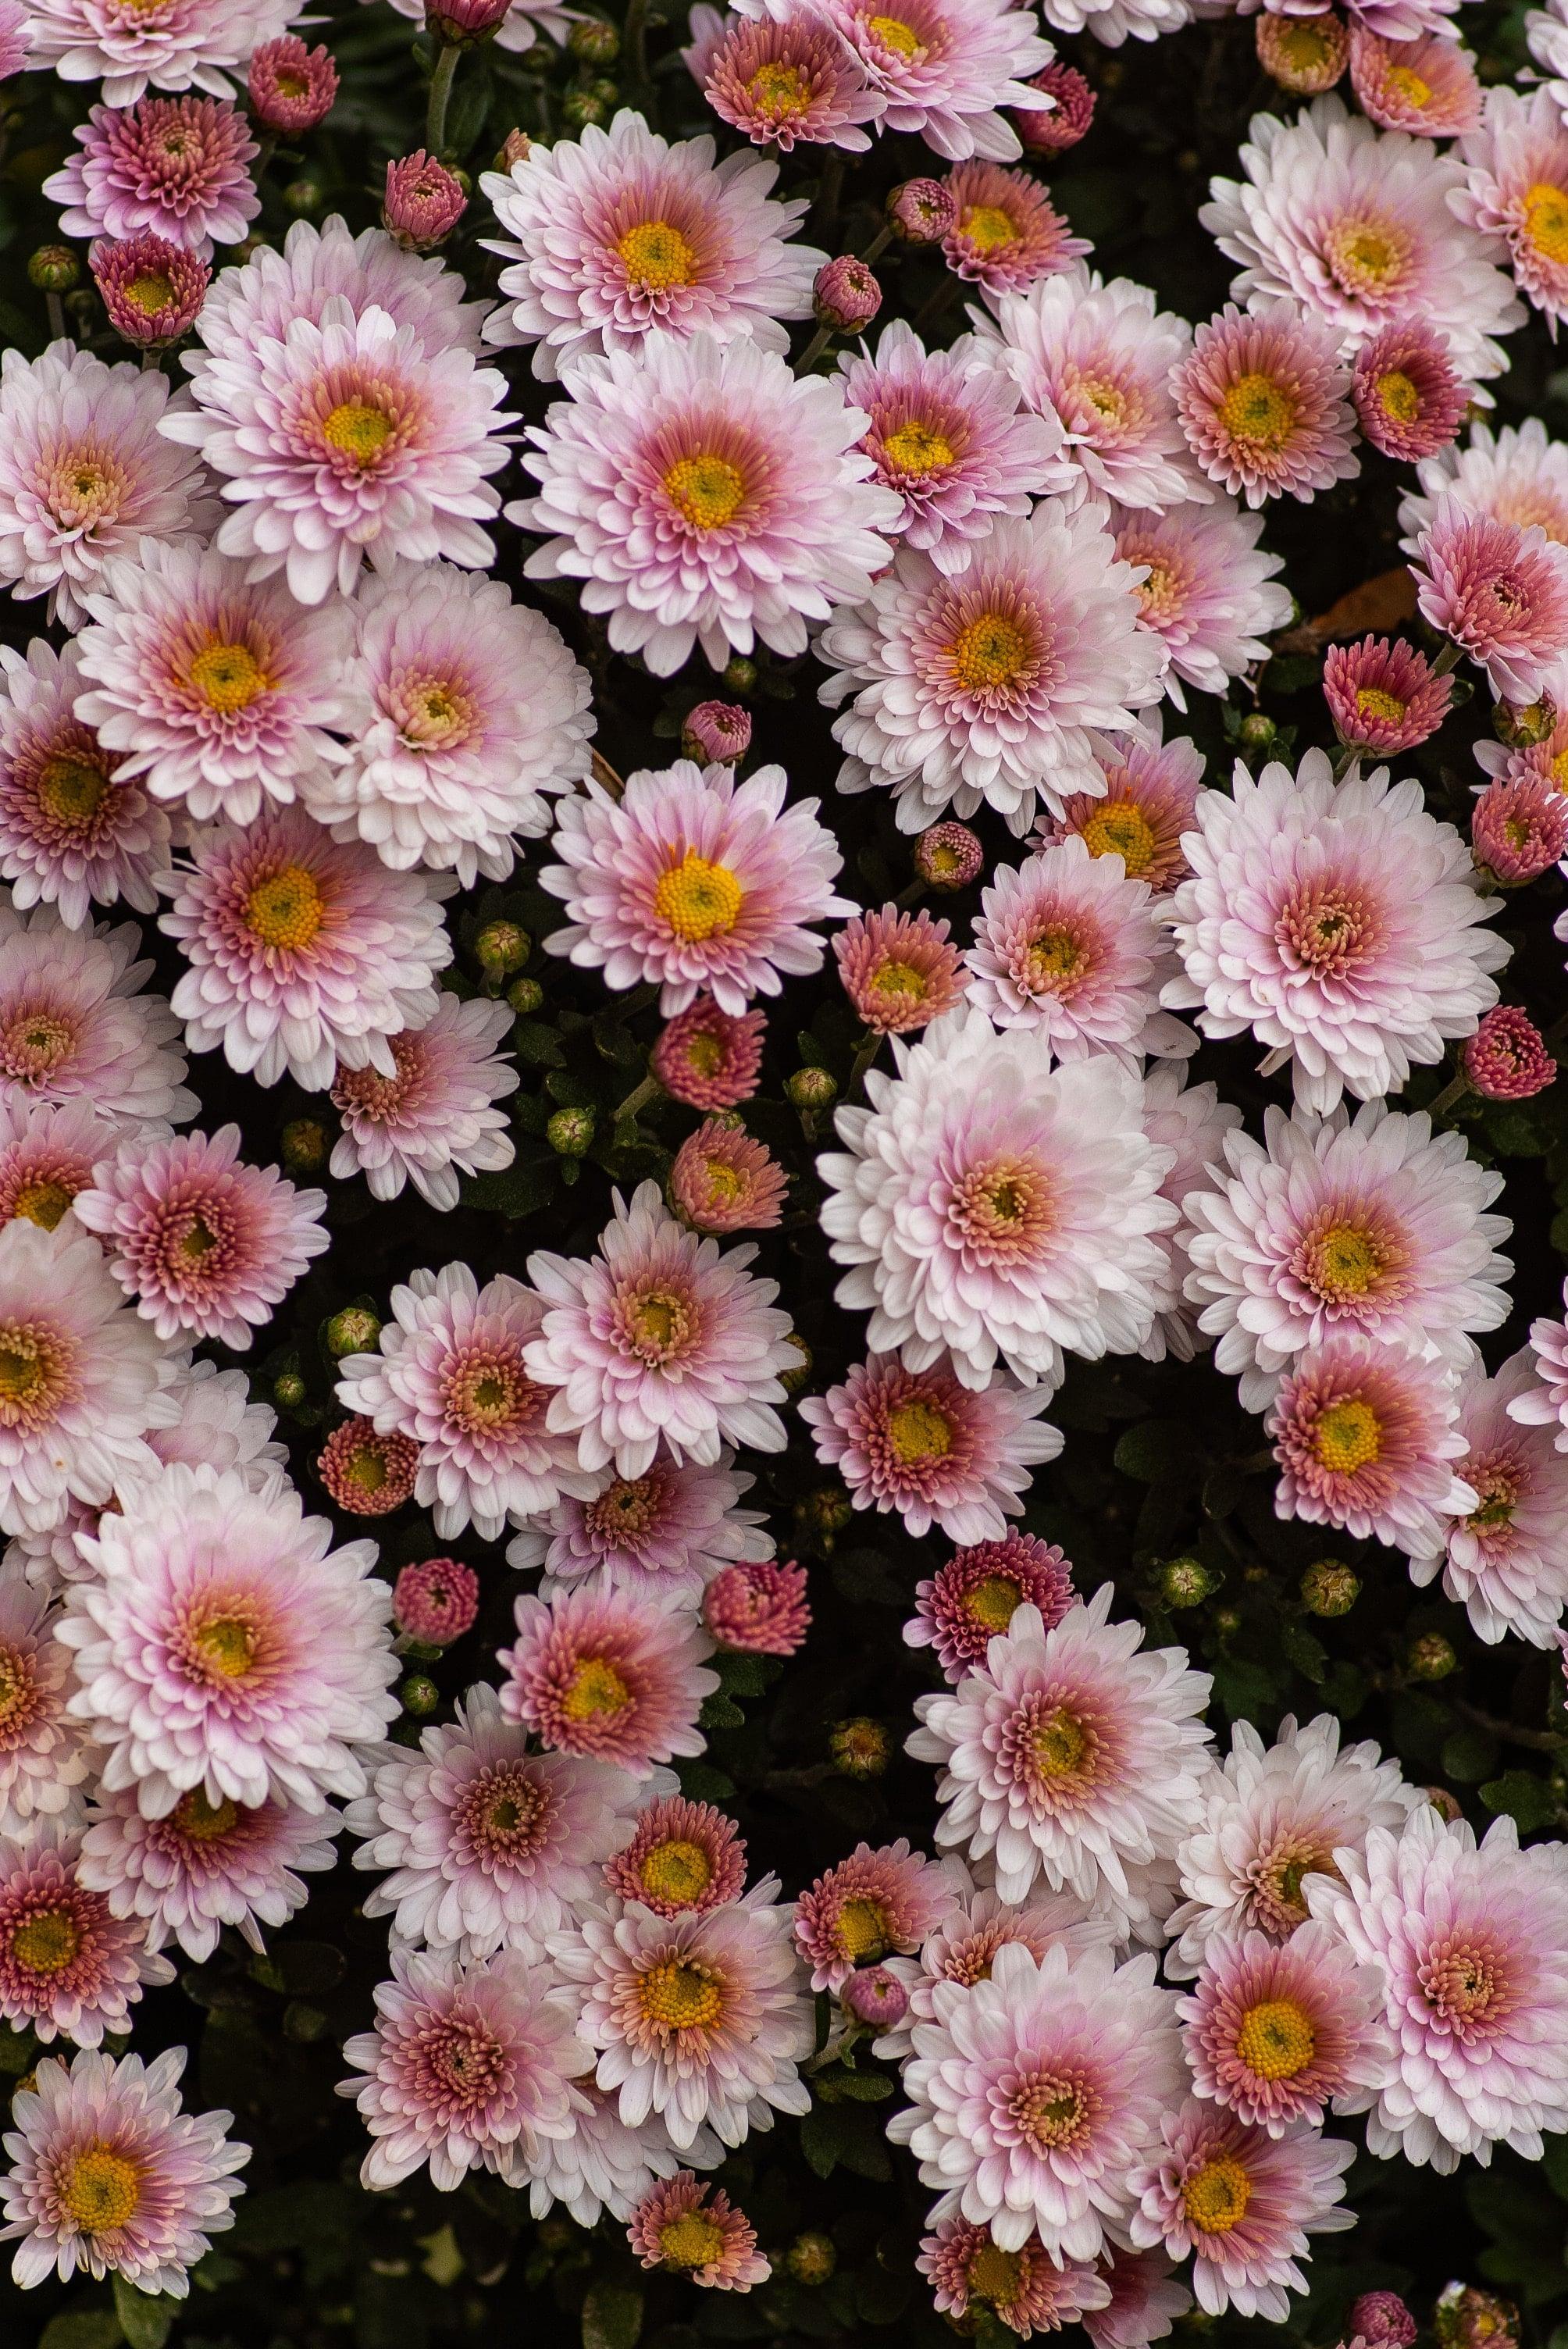 chrisantheme symbolique fleurs